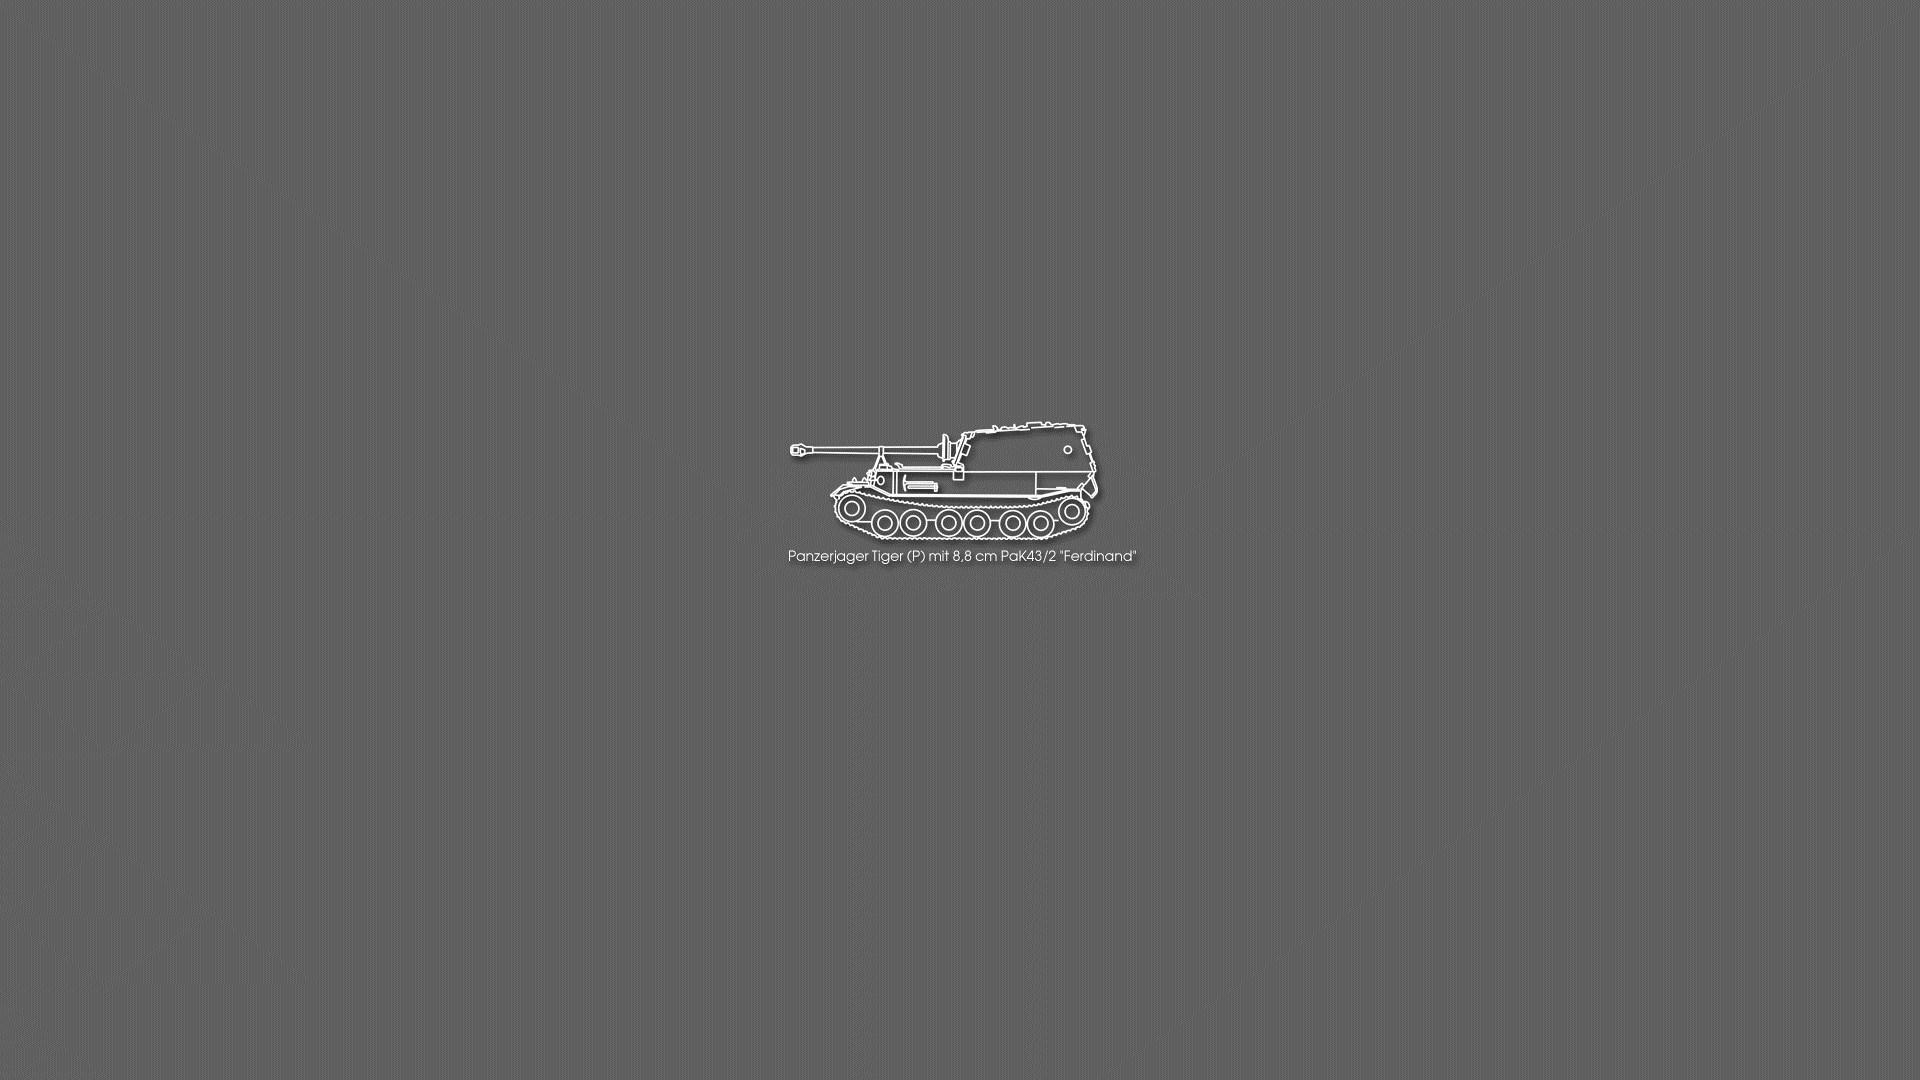 Tank Minimalism